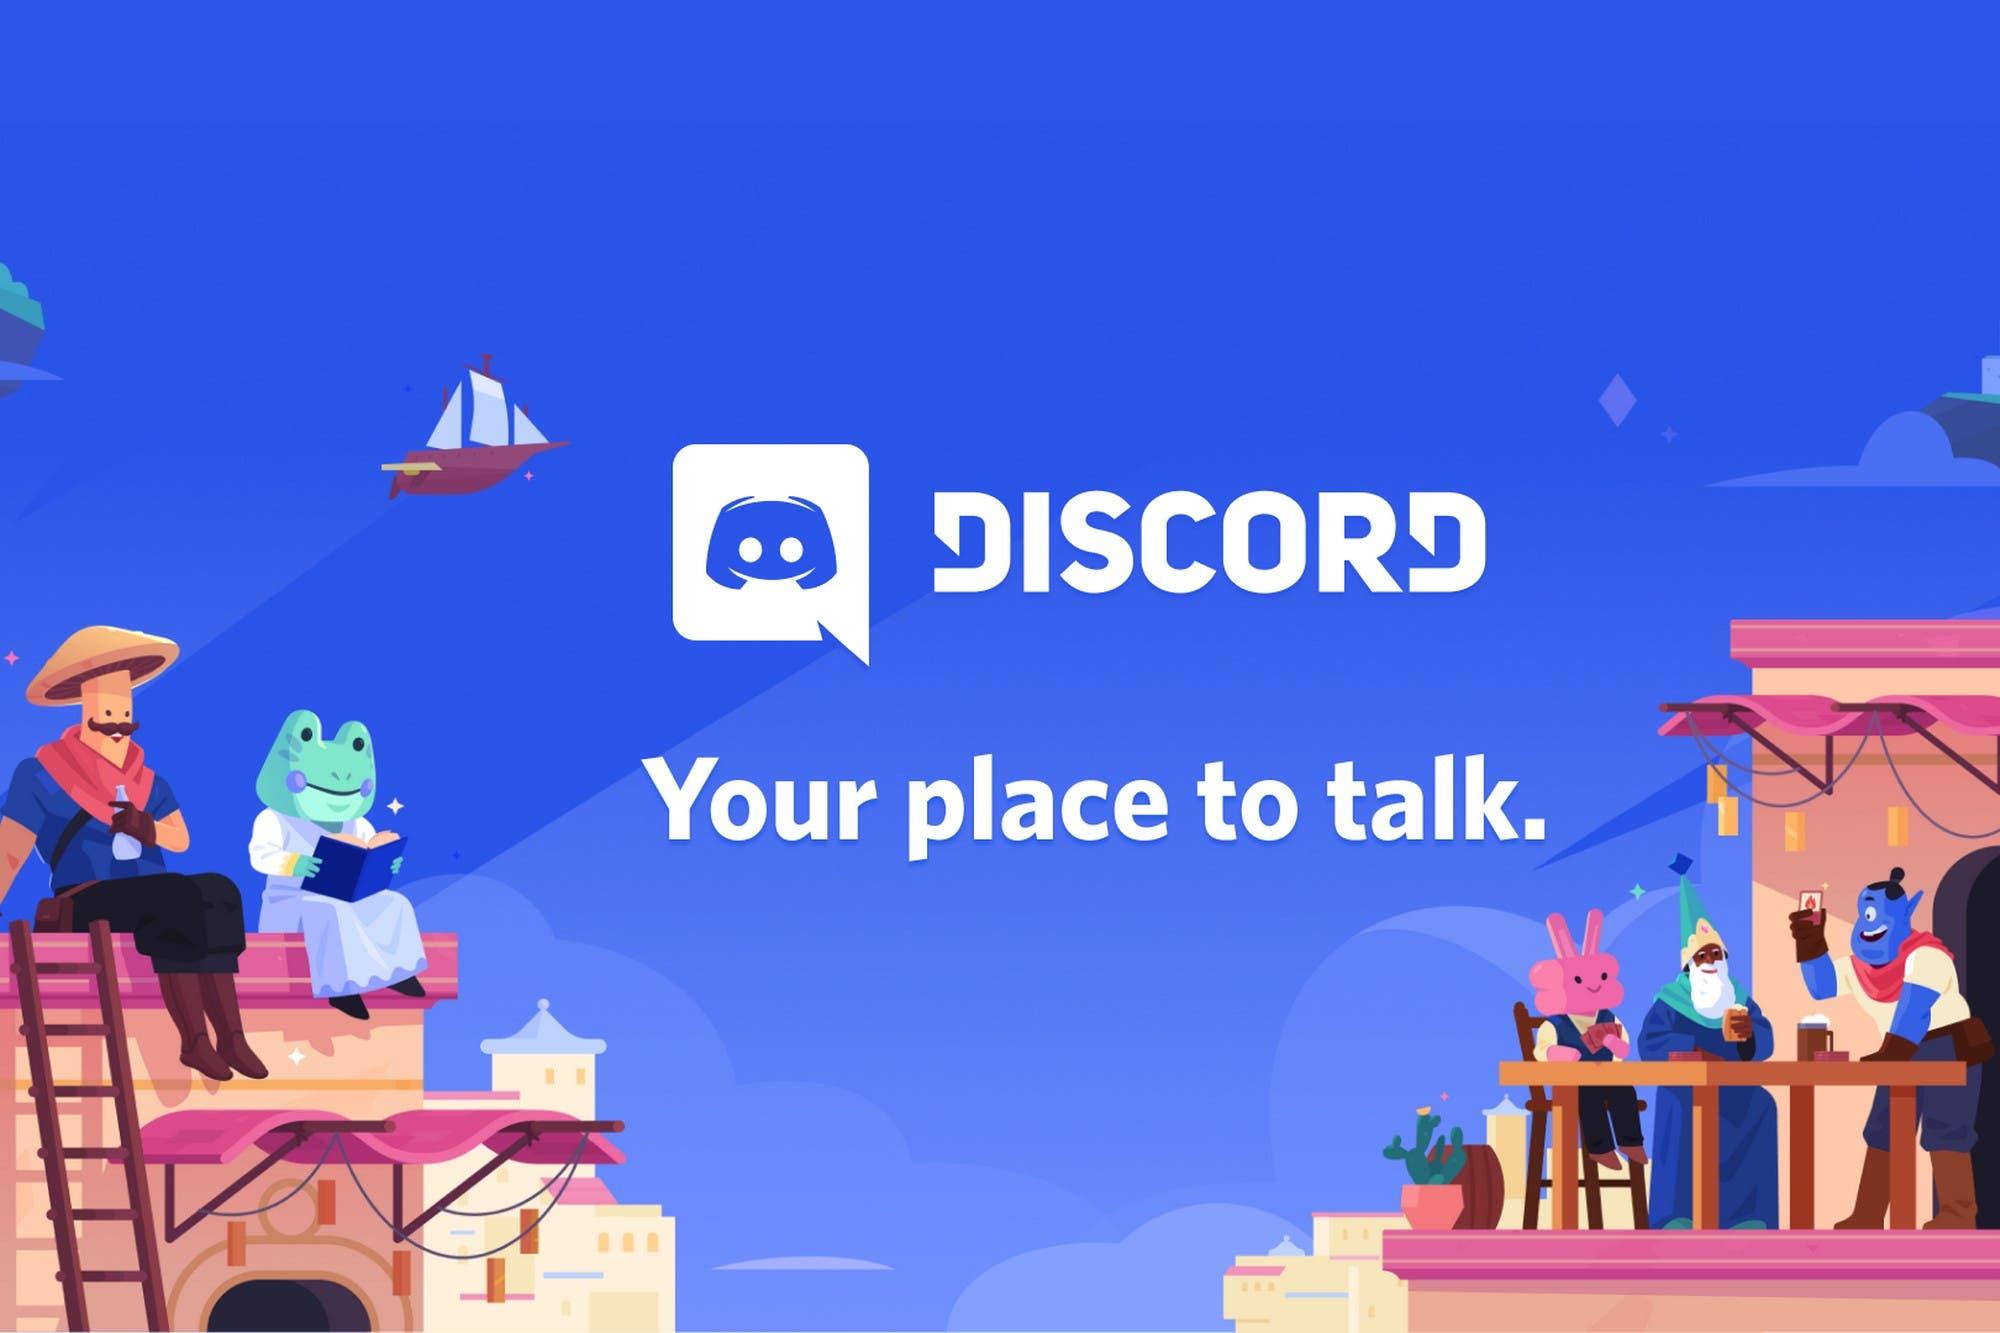 """Discord separa su imagen de los videojuegos y pasa a ser un """"lugar para hablar"""""""